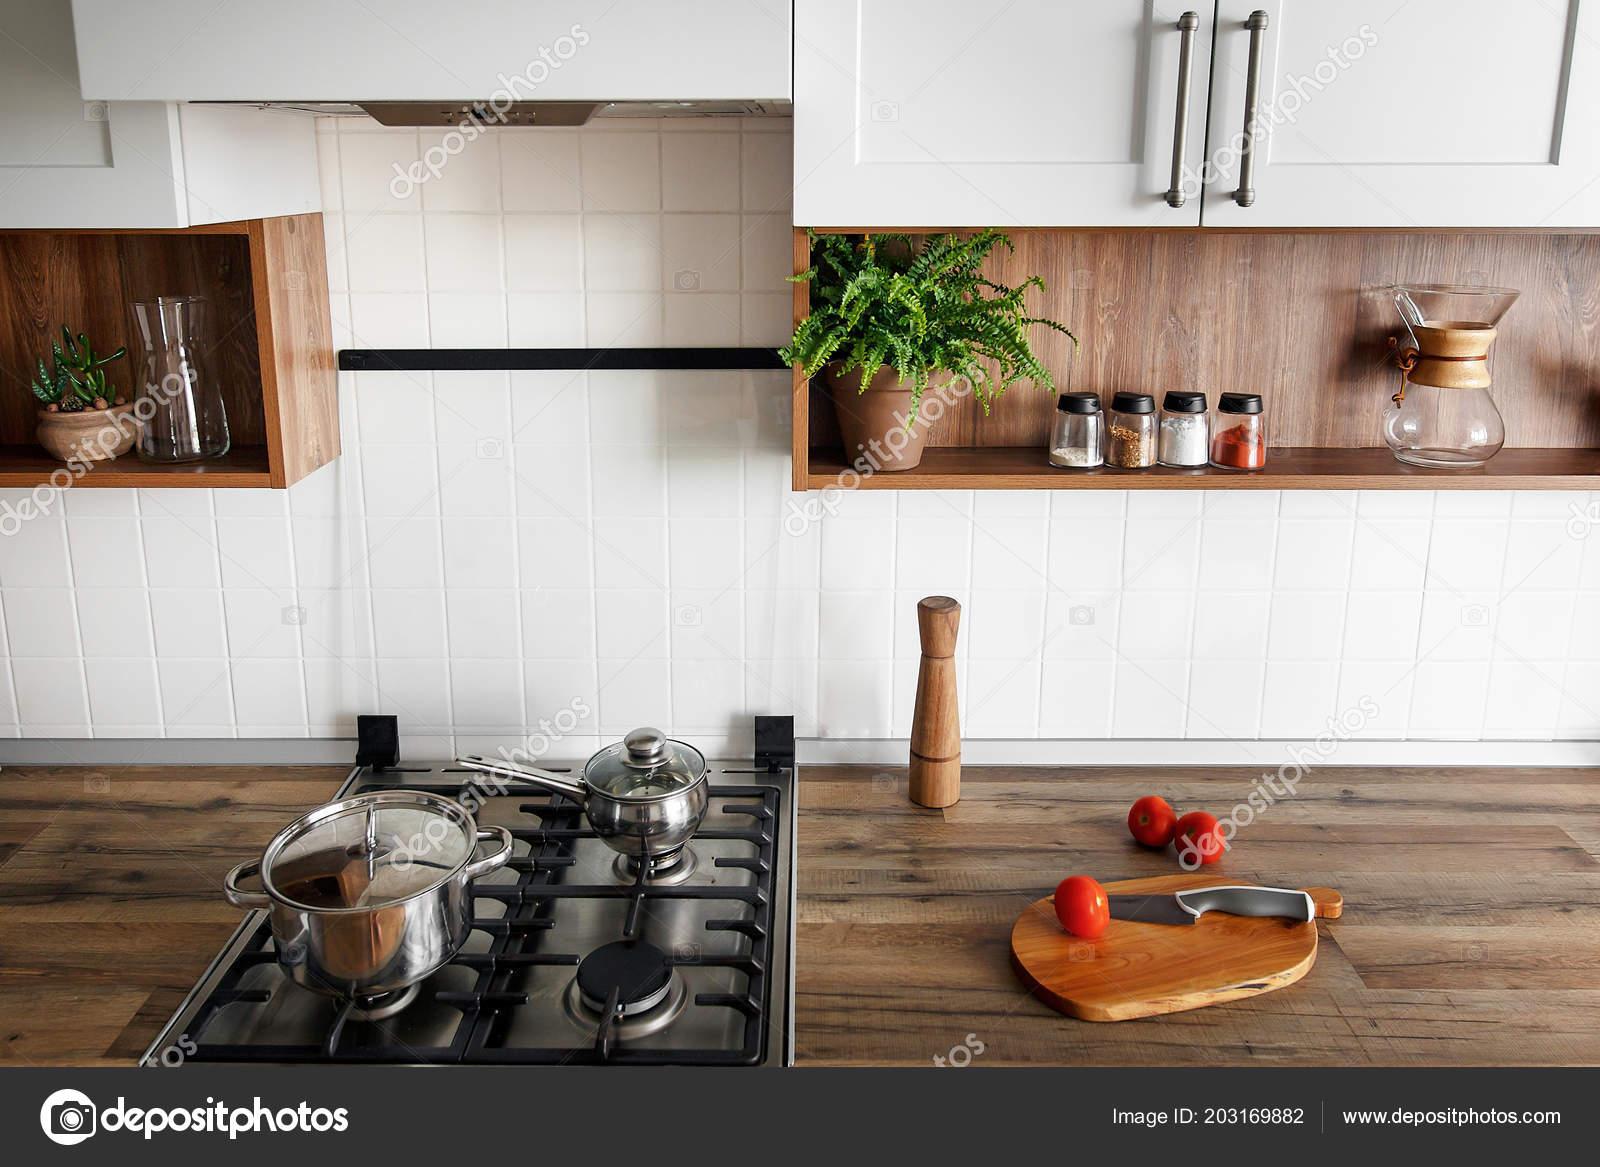 kitchen counter tops gadget store 木板用刀西红柿在现代厨房台面和货架上的香料玻璃罐子烹调食物时尚的灰色 木板用刀 西红柿在现代厨房台面和货架上的香料玻璃罐子 烹调食物 时尚的灰色厨房室内设计斯堪的纳维亚风格的钢炉